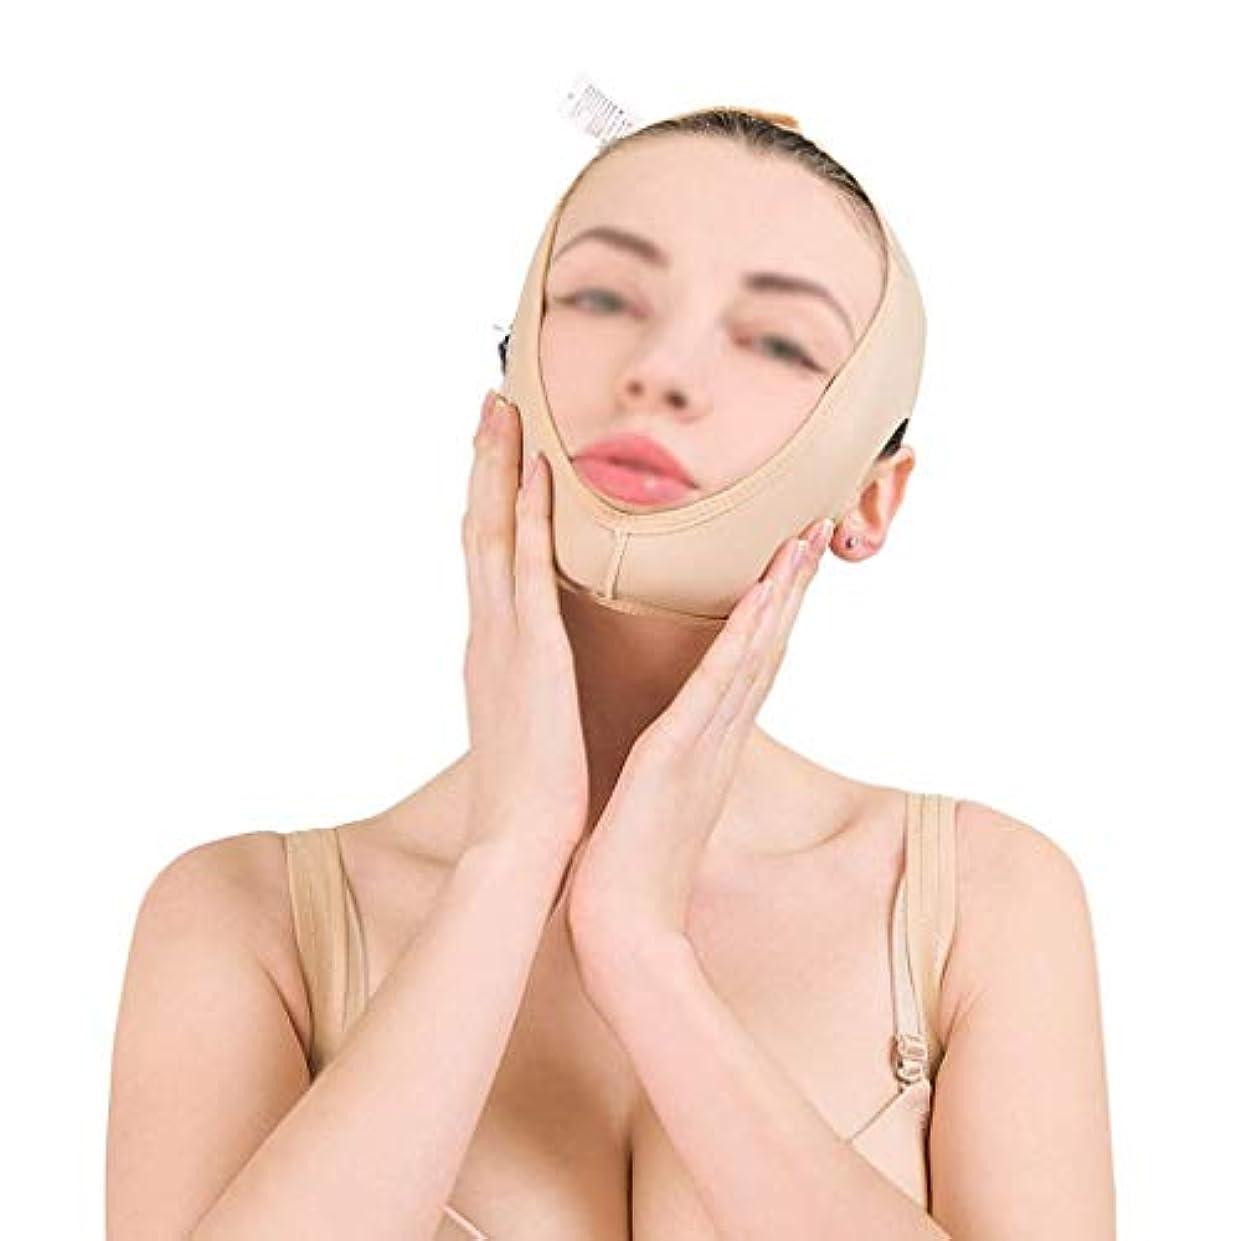 未知のダルセット汗マスク減量、肌の包帯を引き締めるリフティングフェイスバンド、フェイスリフティング、ダブルチンビューティバンデージ、フェイスリフト(サイズ:L),S